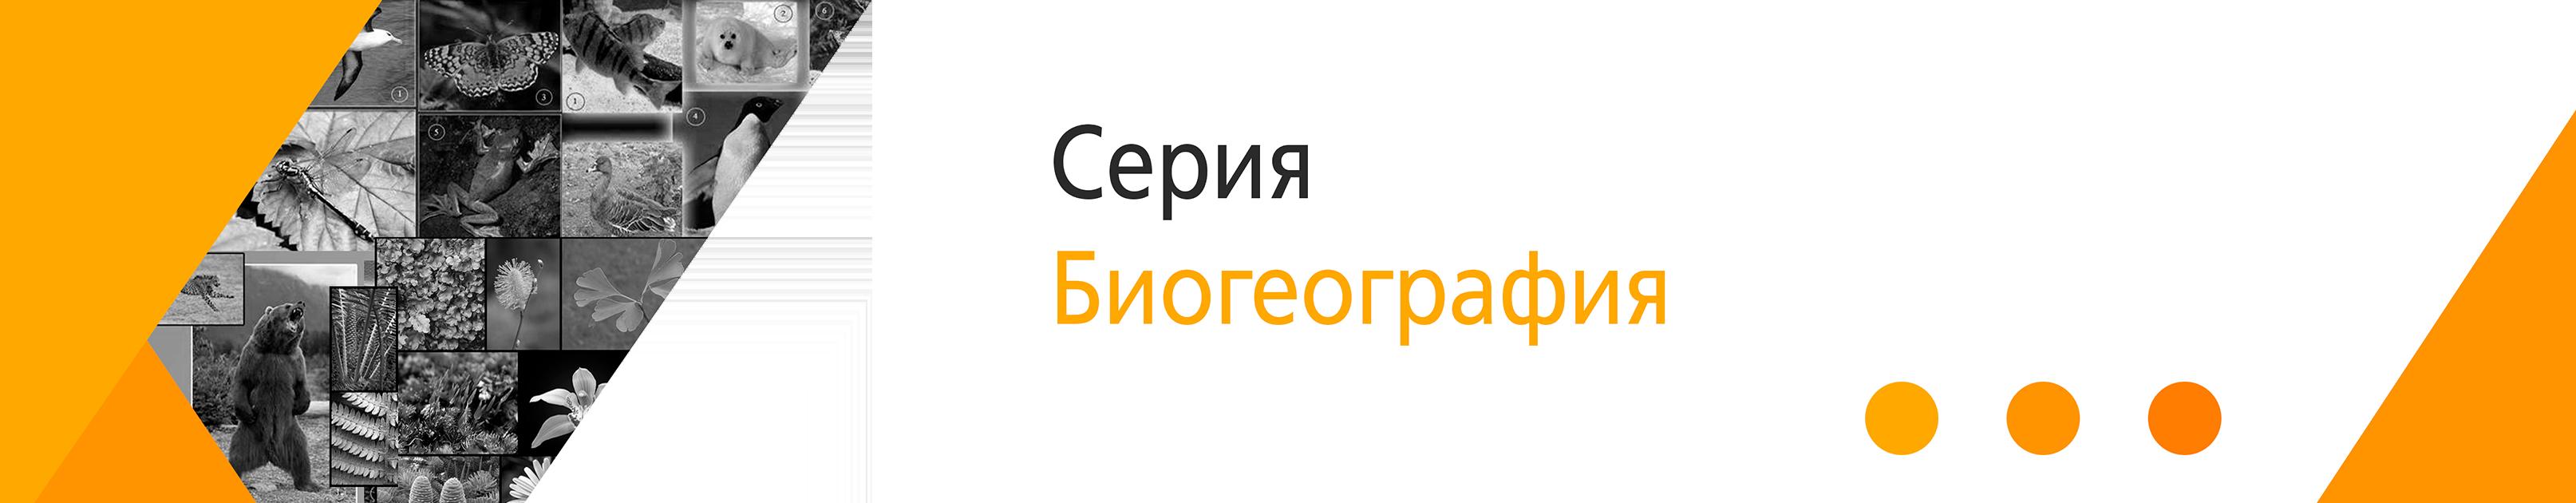 Серия Биогеография